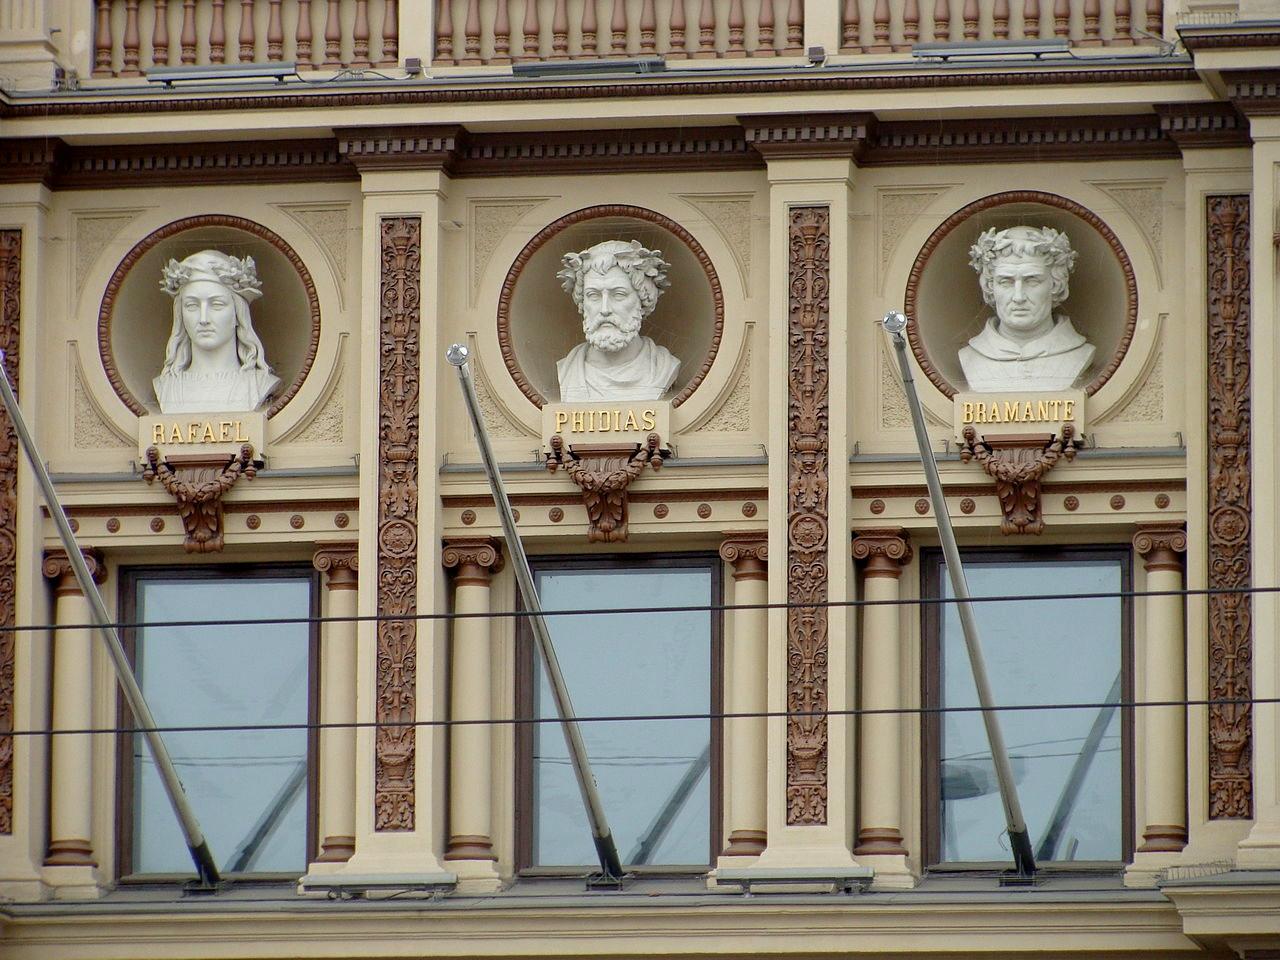 Художественный музей Атенеум, деталь фасада